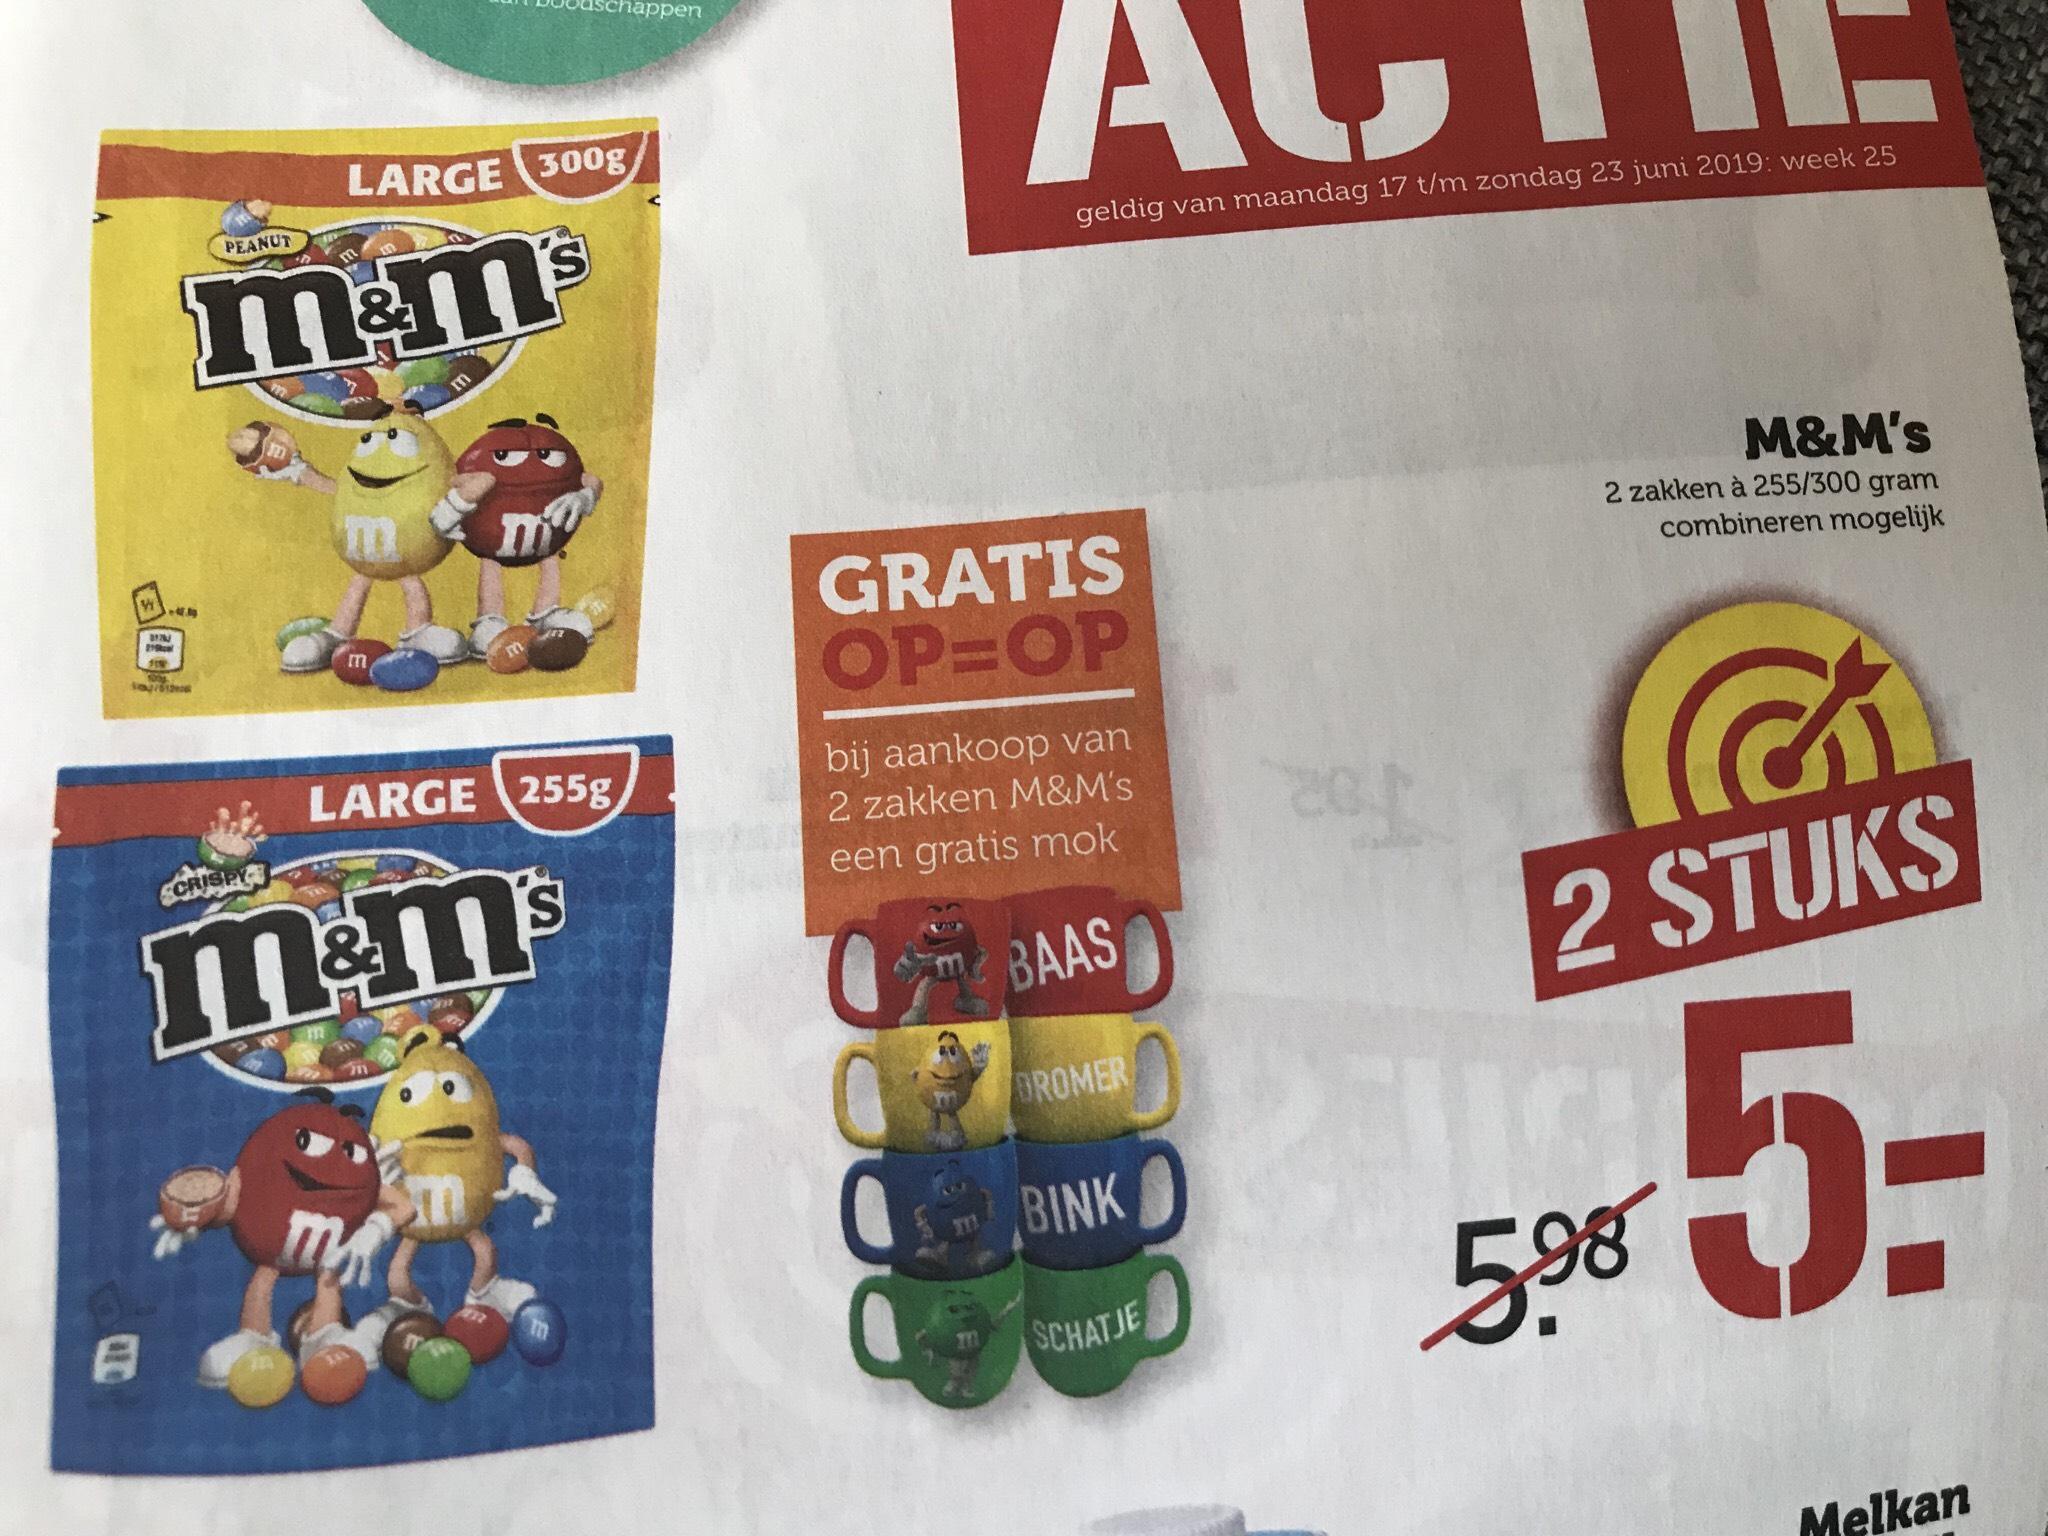 2 zakken M&M met gratis mok bij de Coop